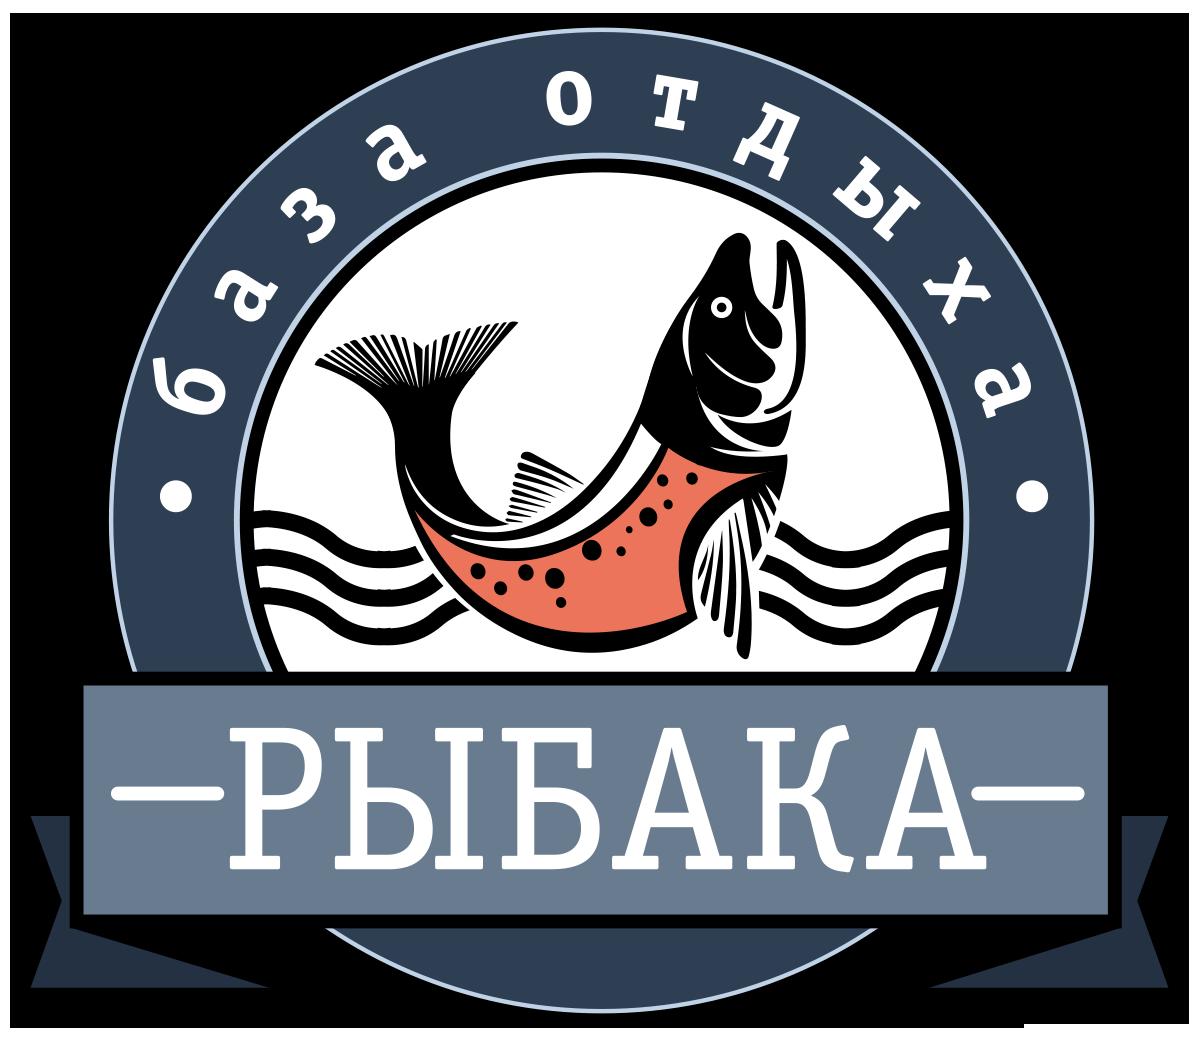 База отдыха Рыбака